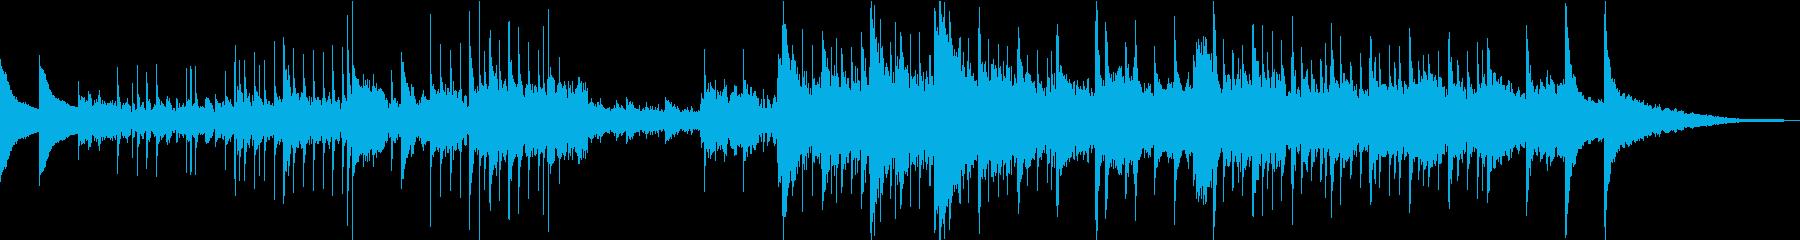 お経、鐘、神聖なイメージの曲の再生済みの波形